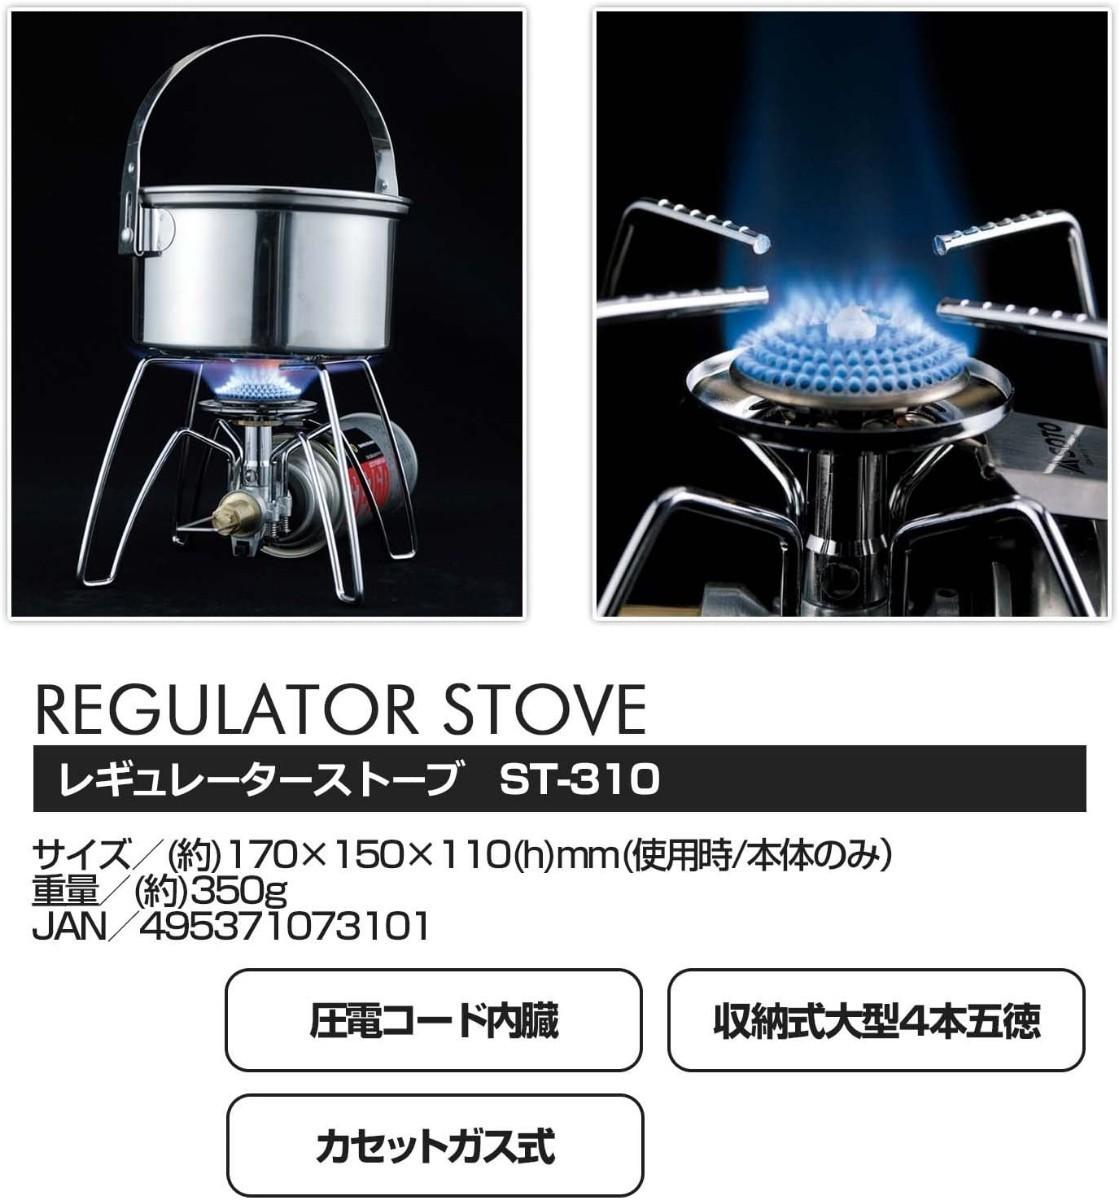 新品未開封 ソト SOTO レギュレーターストーブ ST-310